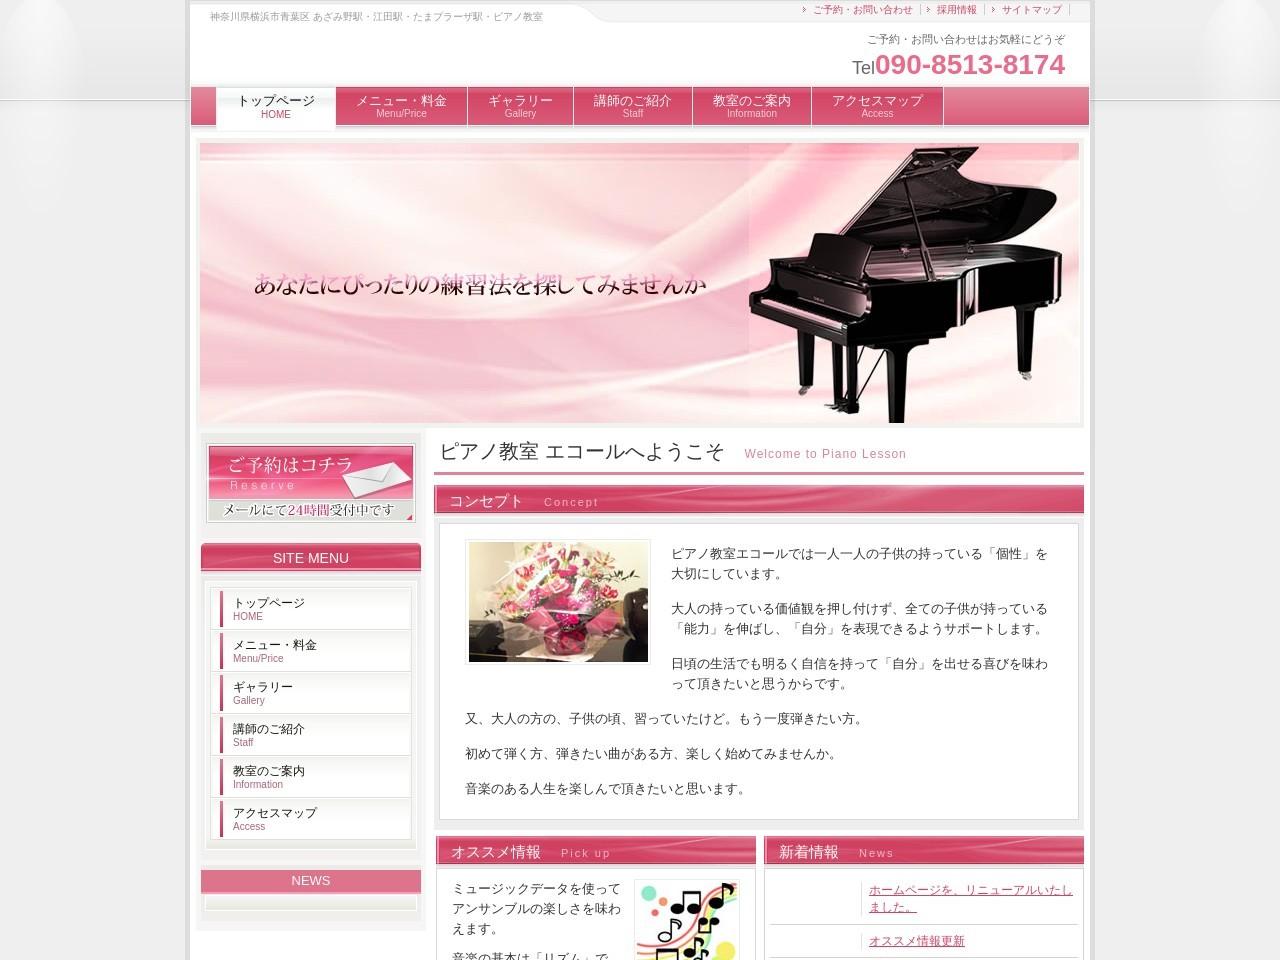 ピアノ教室 エコールのサムネイル